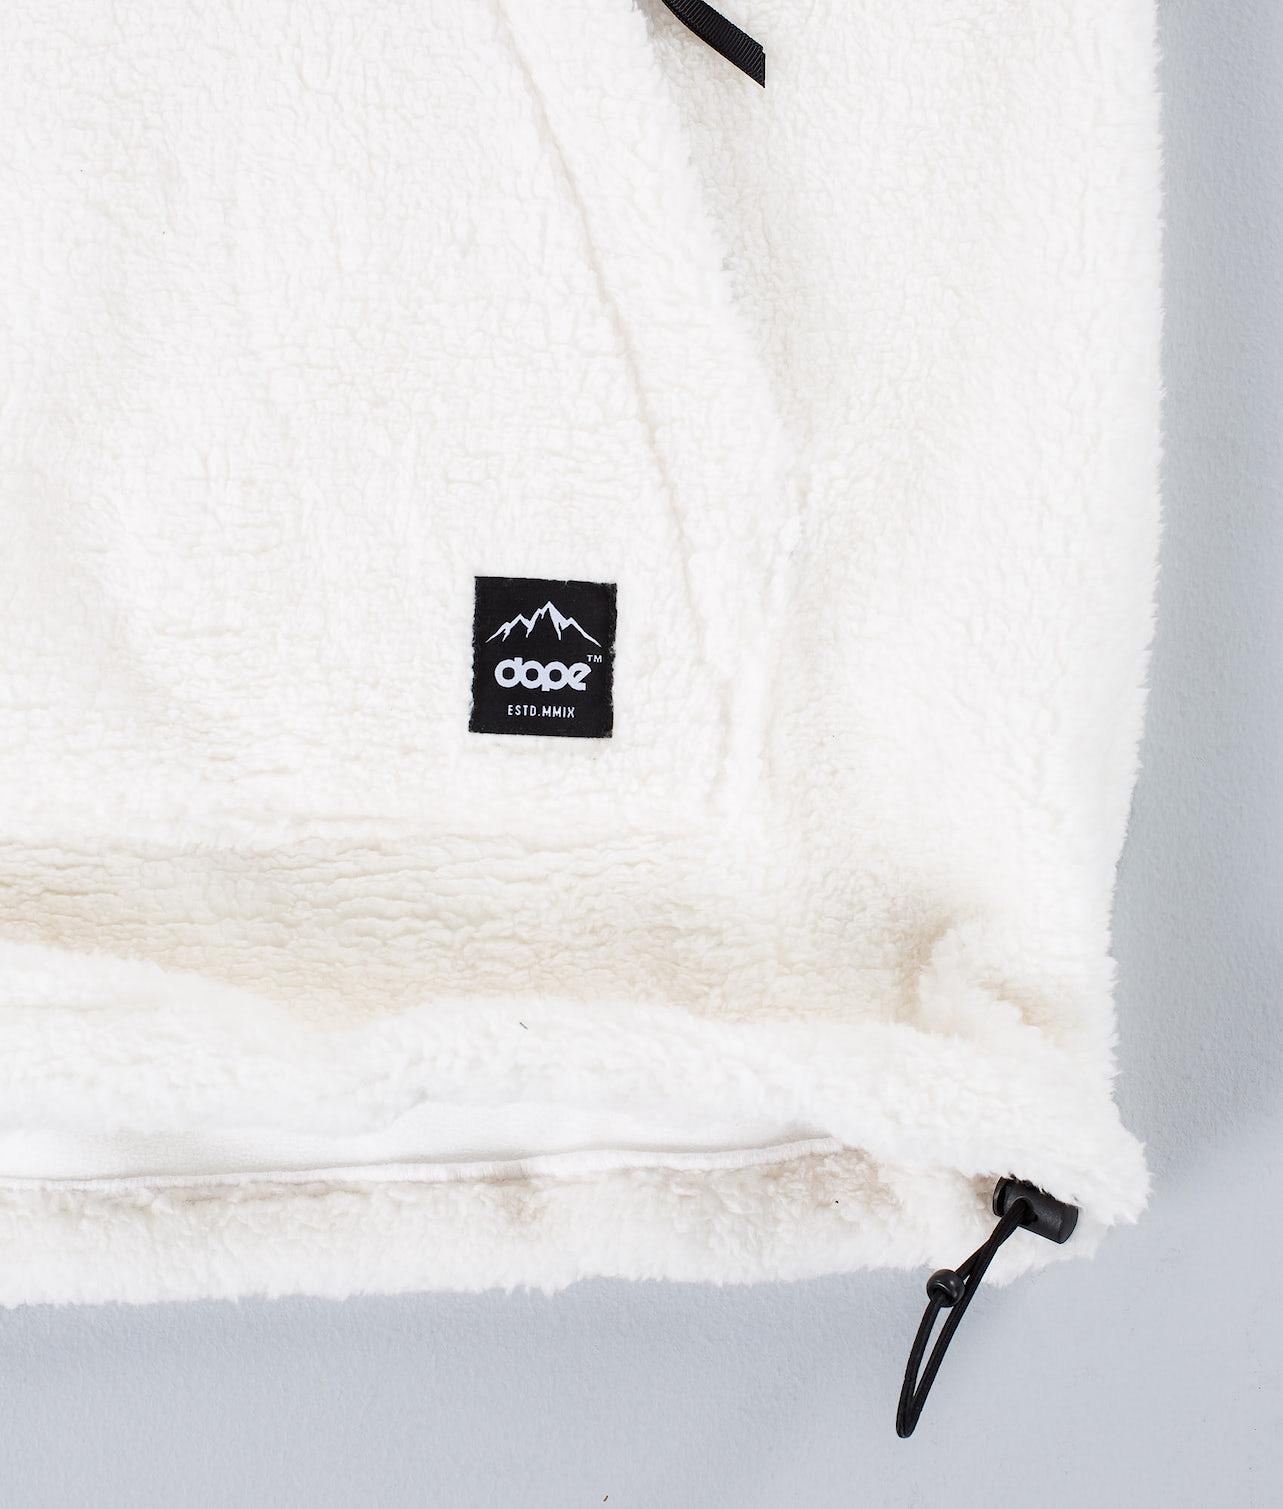 Kjøp Pile Trøyer Snow fra Dope på Ridestore.no - Hos oss har du alltid fri frakt, fri retur og 30 dagers åpent kjøp!